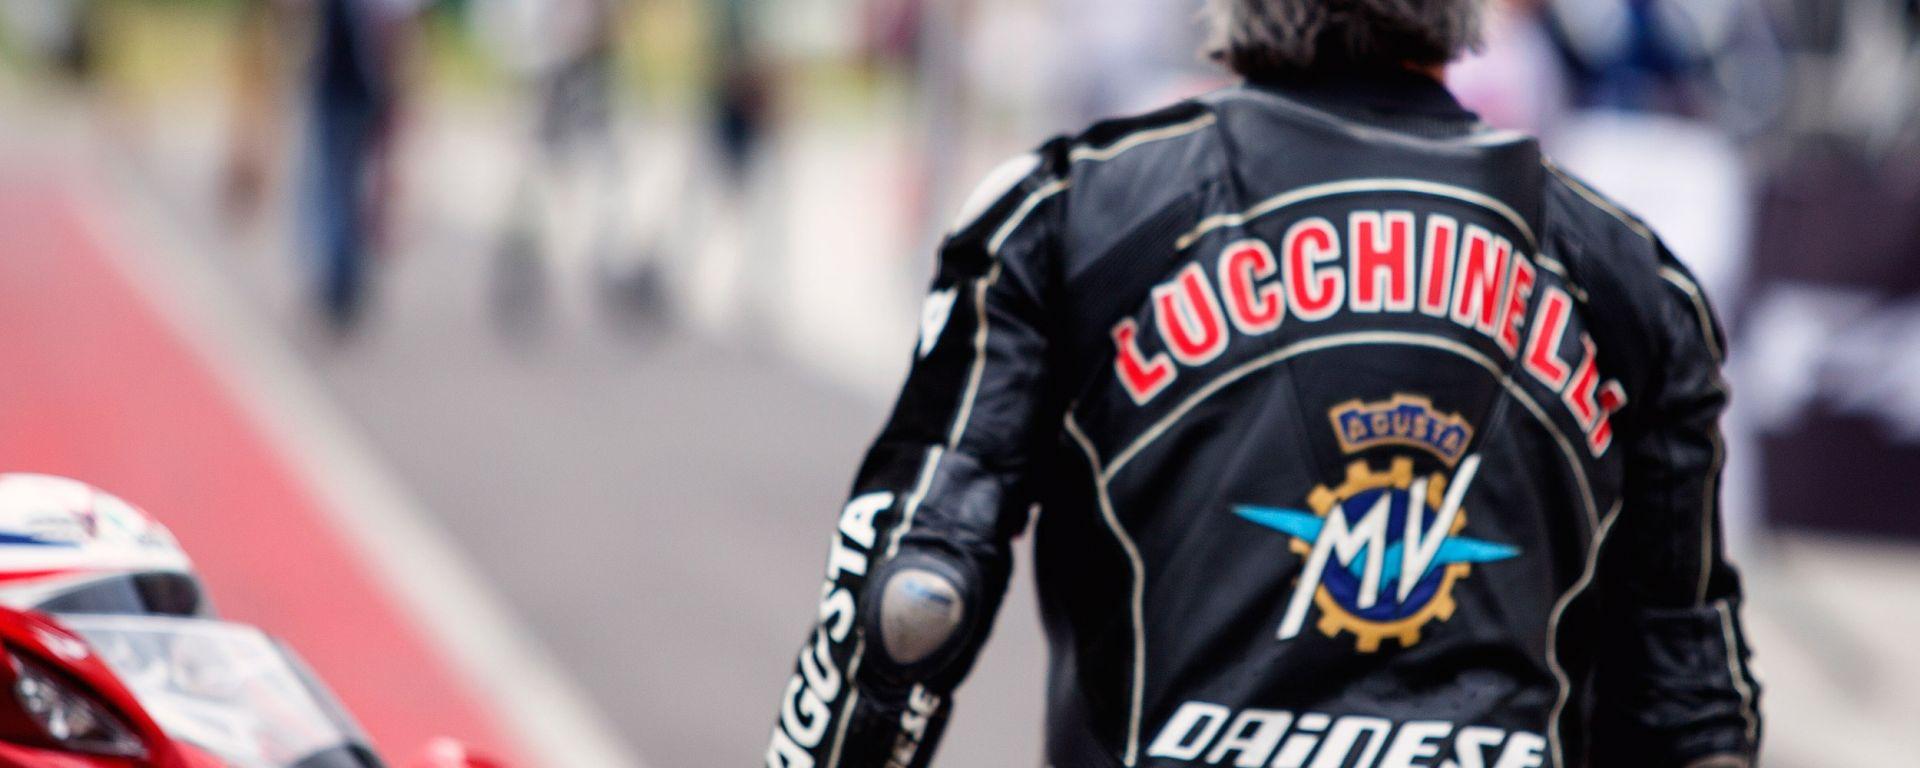 MV Agusta: a scuola con Lucchinelli